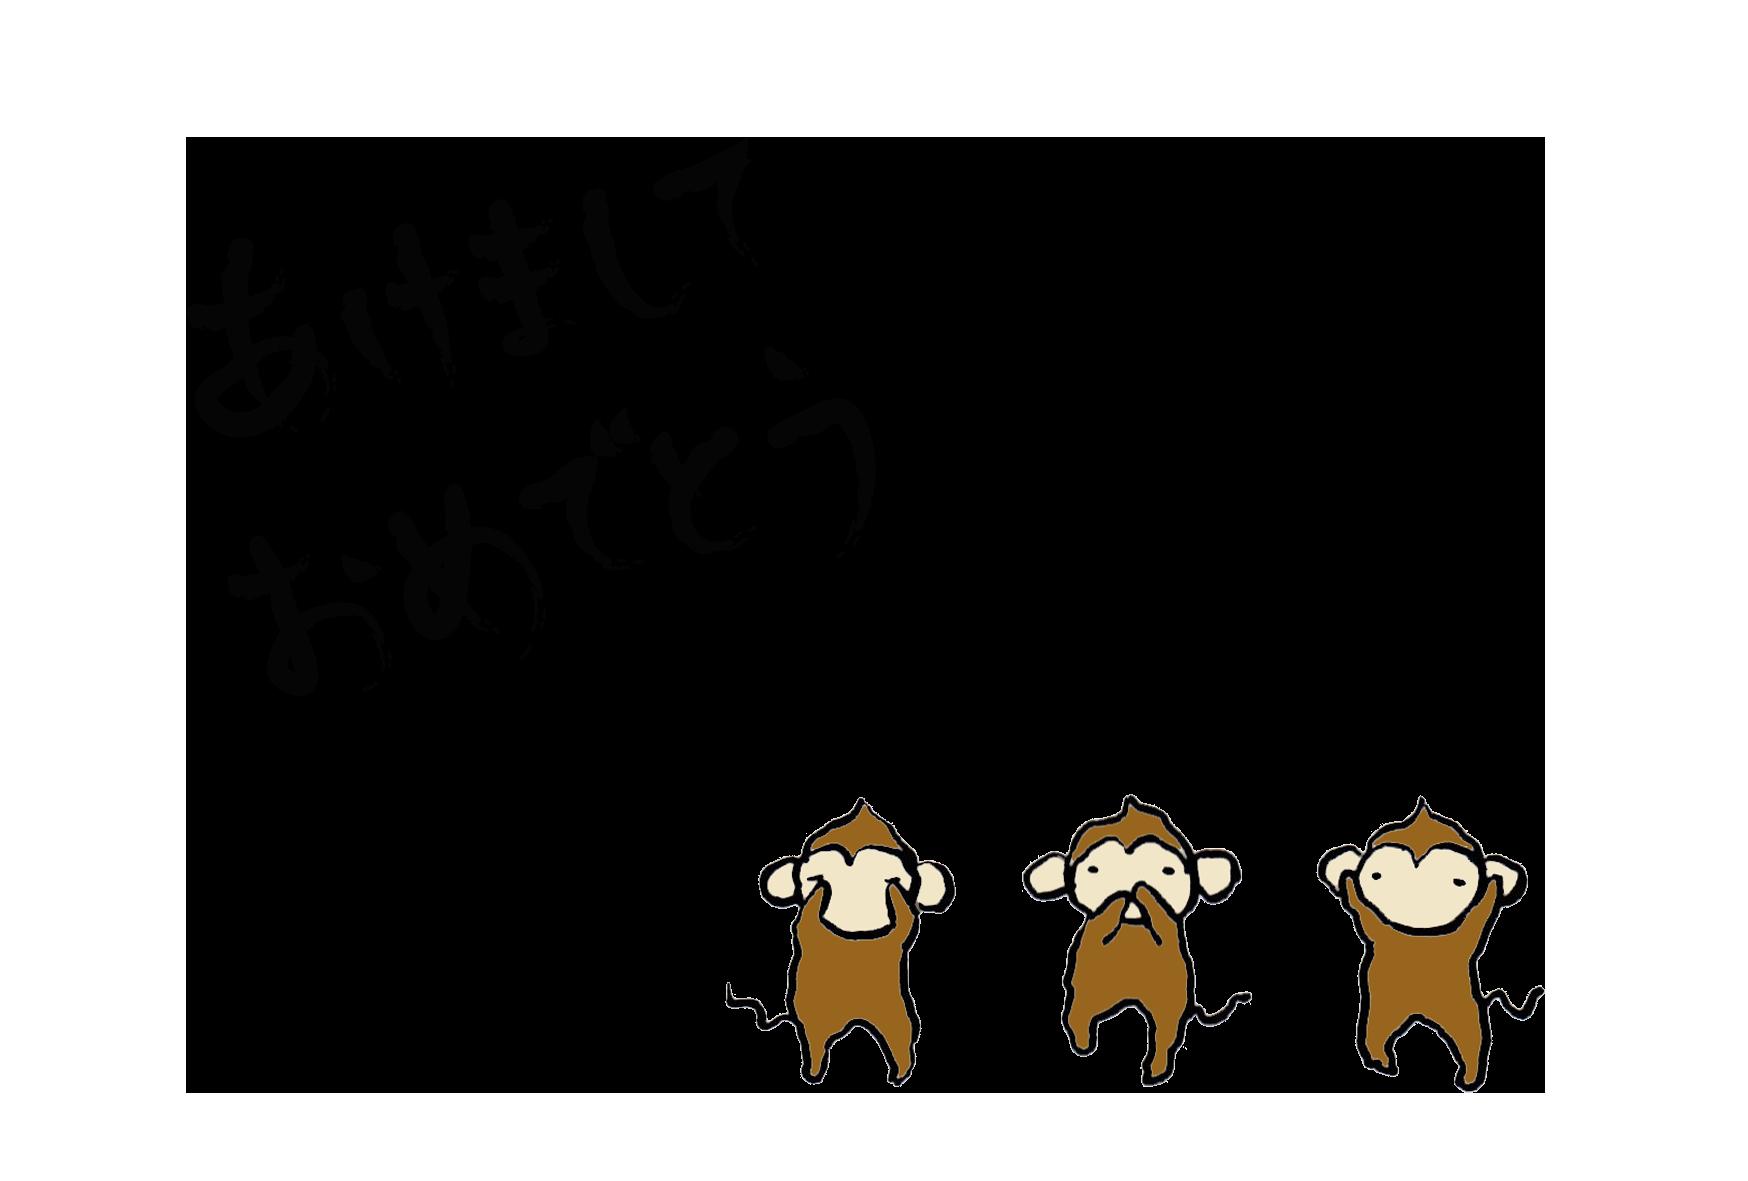 年賀状-手書きテンプレート(猿)-和風02 <無料> | イラストk